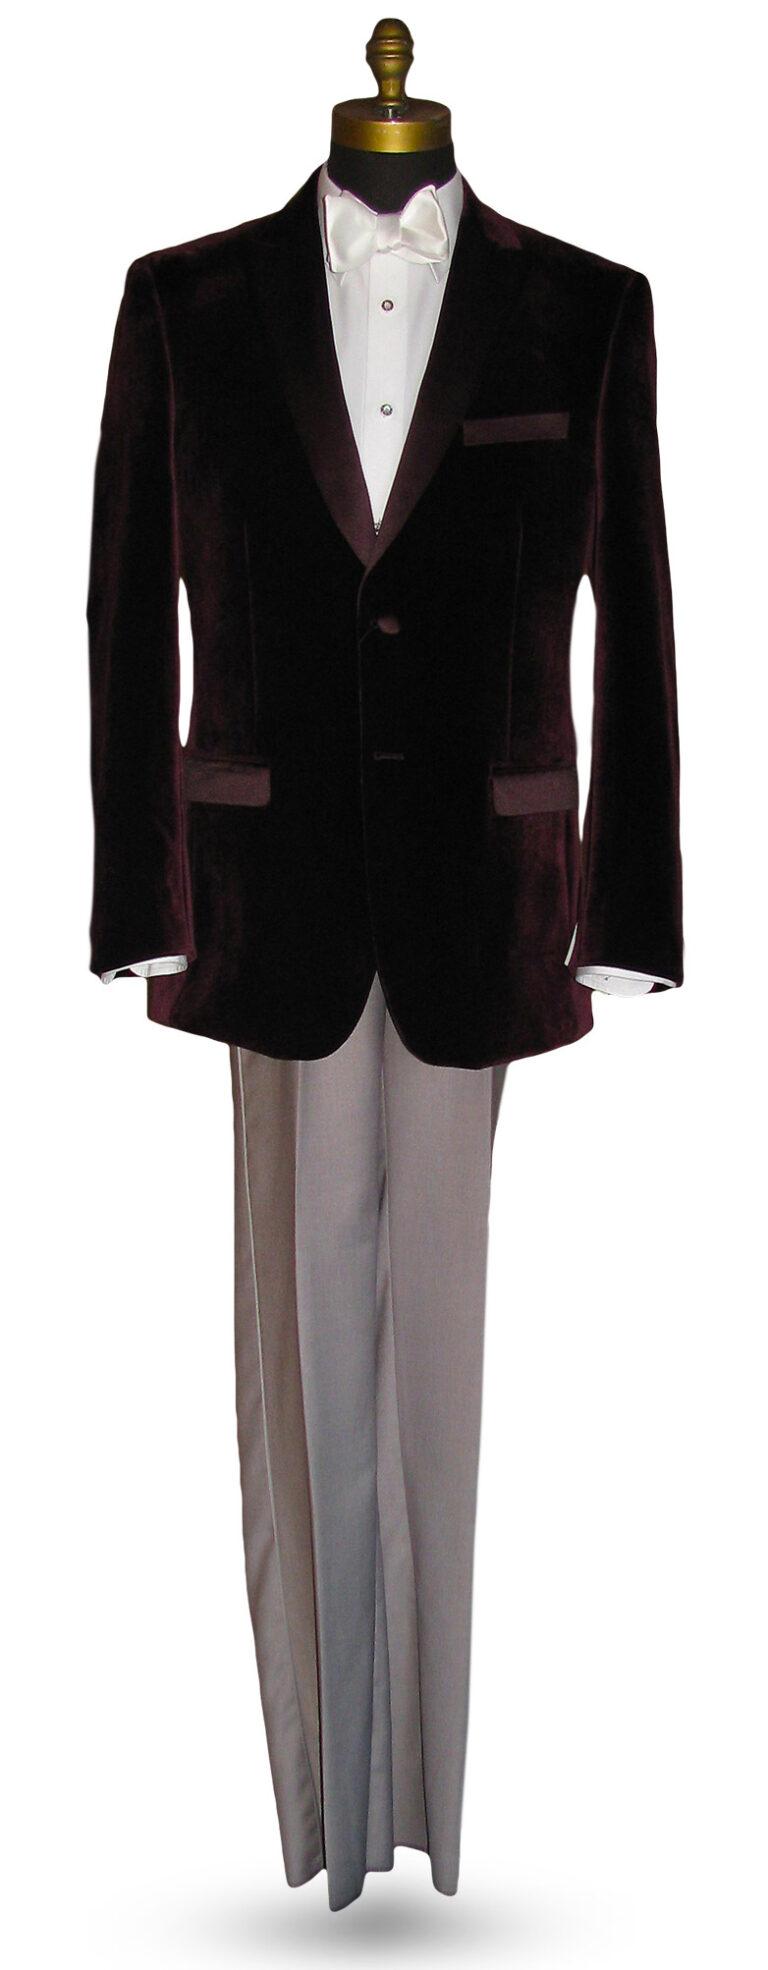 Plum Velvet Tuxedo Jacket